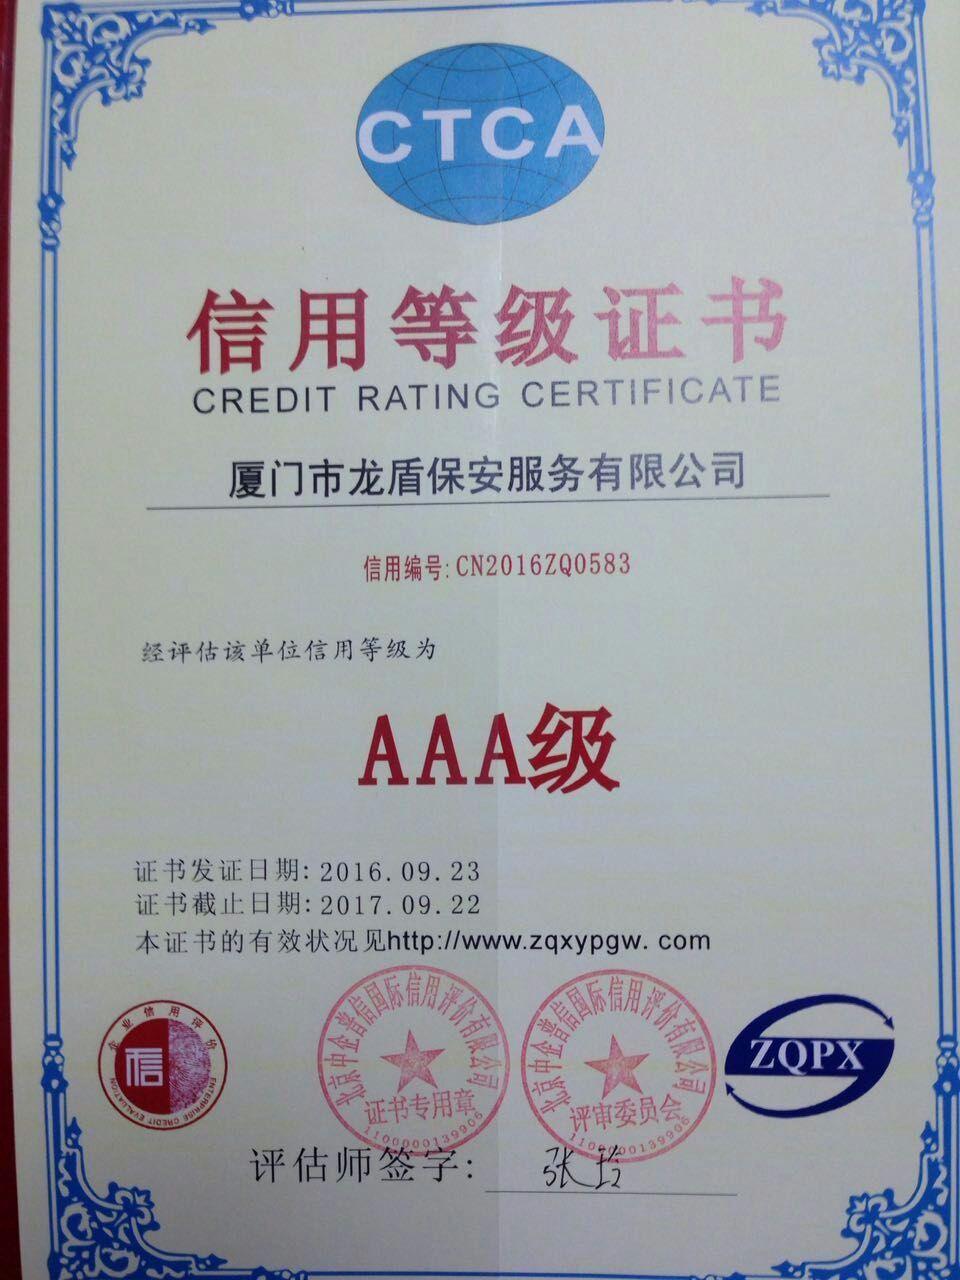 """AAA信用證書及""""重合同守信用""""等企業榮譽證書,已成為企業形象提升、國企競標、政府采購的必備條件。天津巖真,可以幫您快捷省力的取得權威機構證書!"""